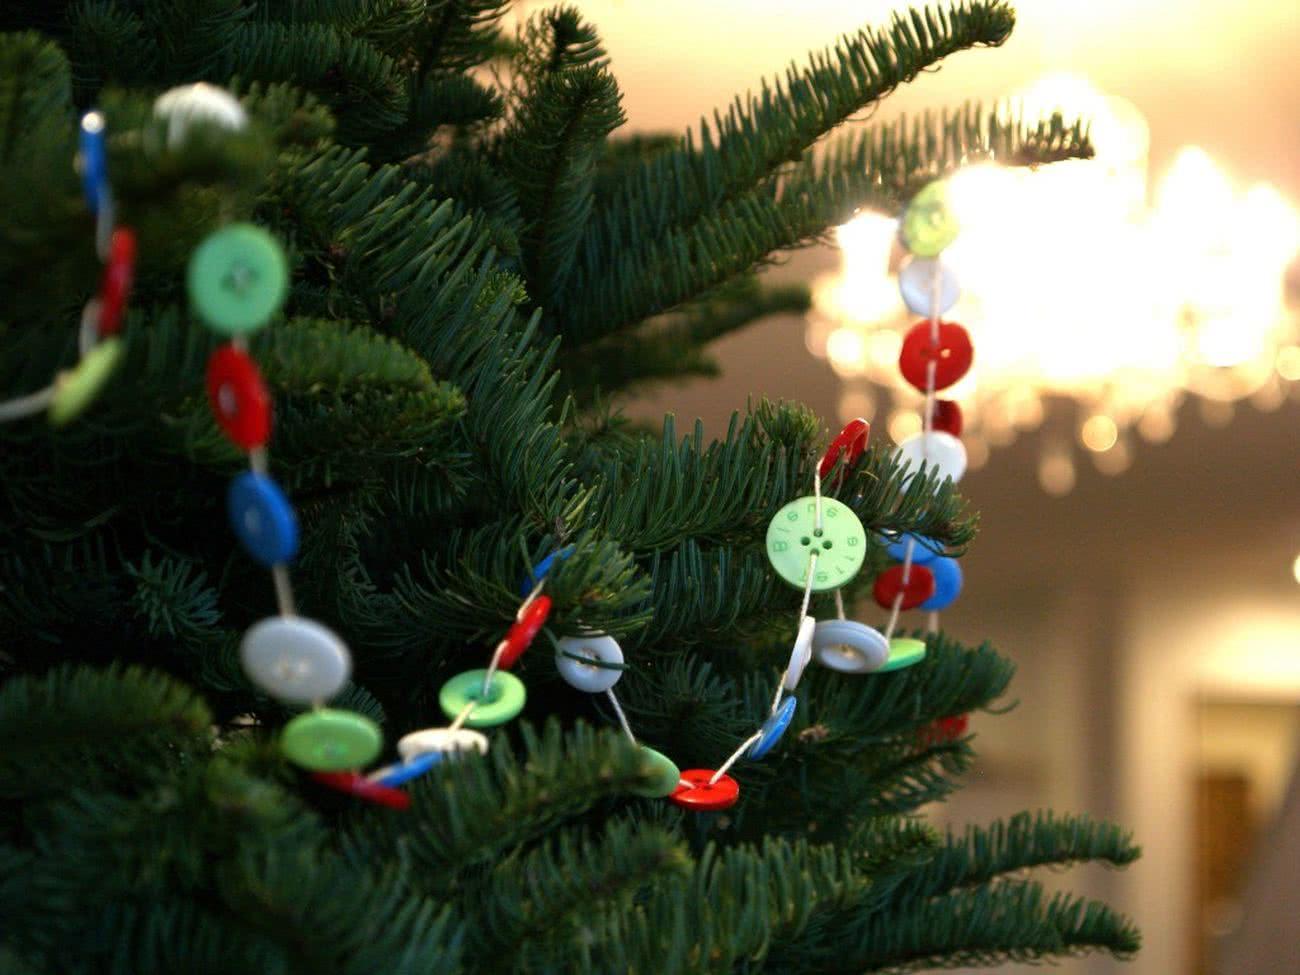 Manualidades navideñas - Pincele y más